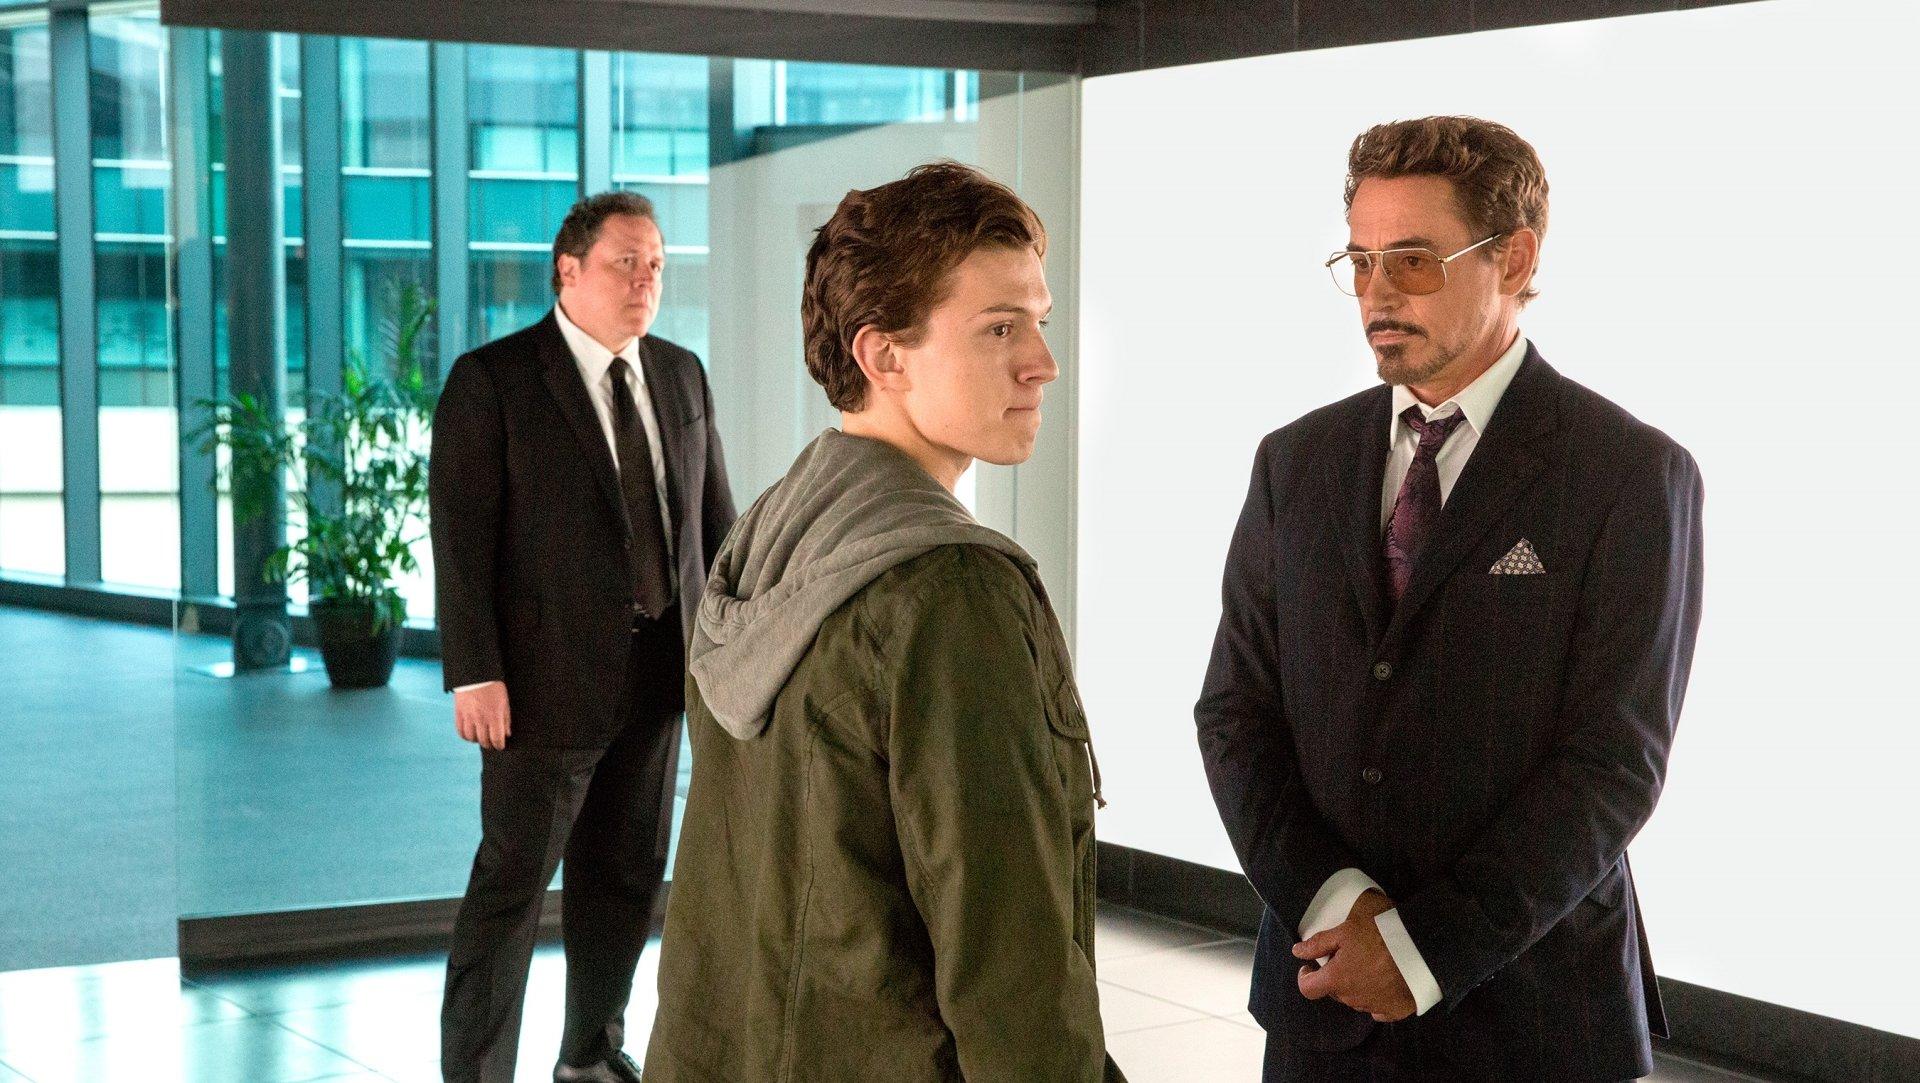 电影 - 蜘蛛侠:英雄归来  Peter Parker Tony Stark Tom Holland Robert Downey Jr. 壁纸